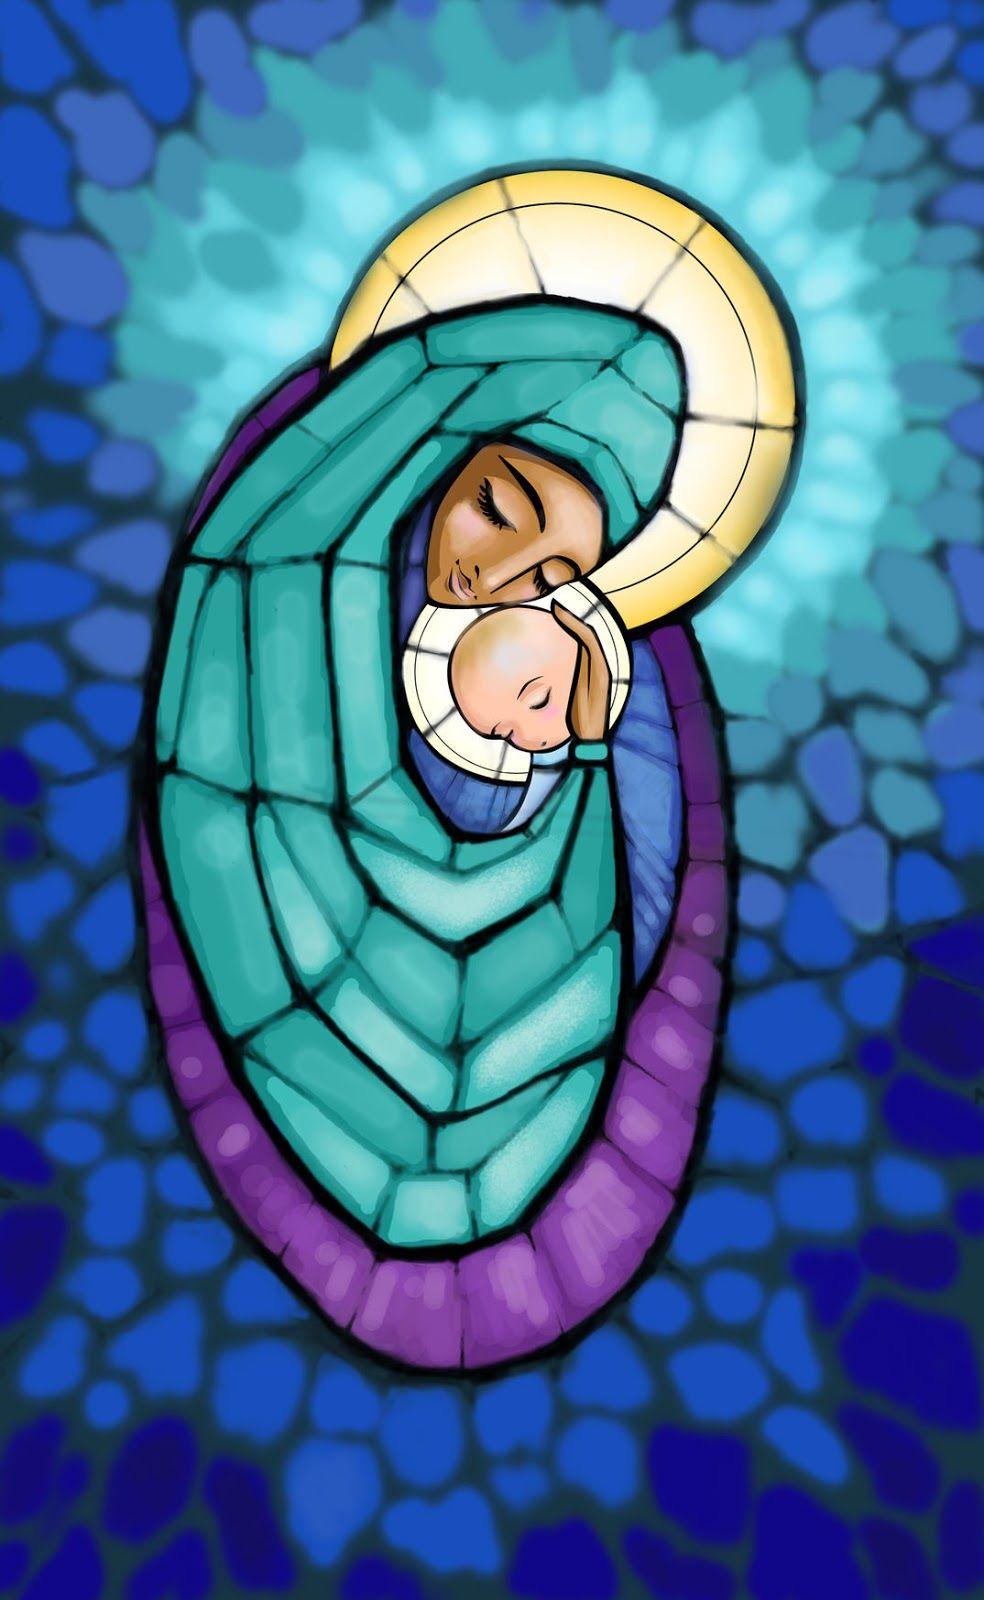 Wallpapers De Nossa Senhora Imagens Da Virgem Maria Virgem